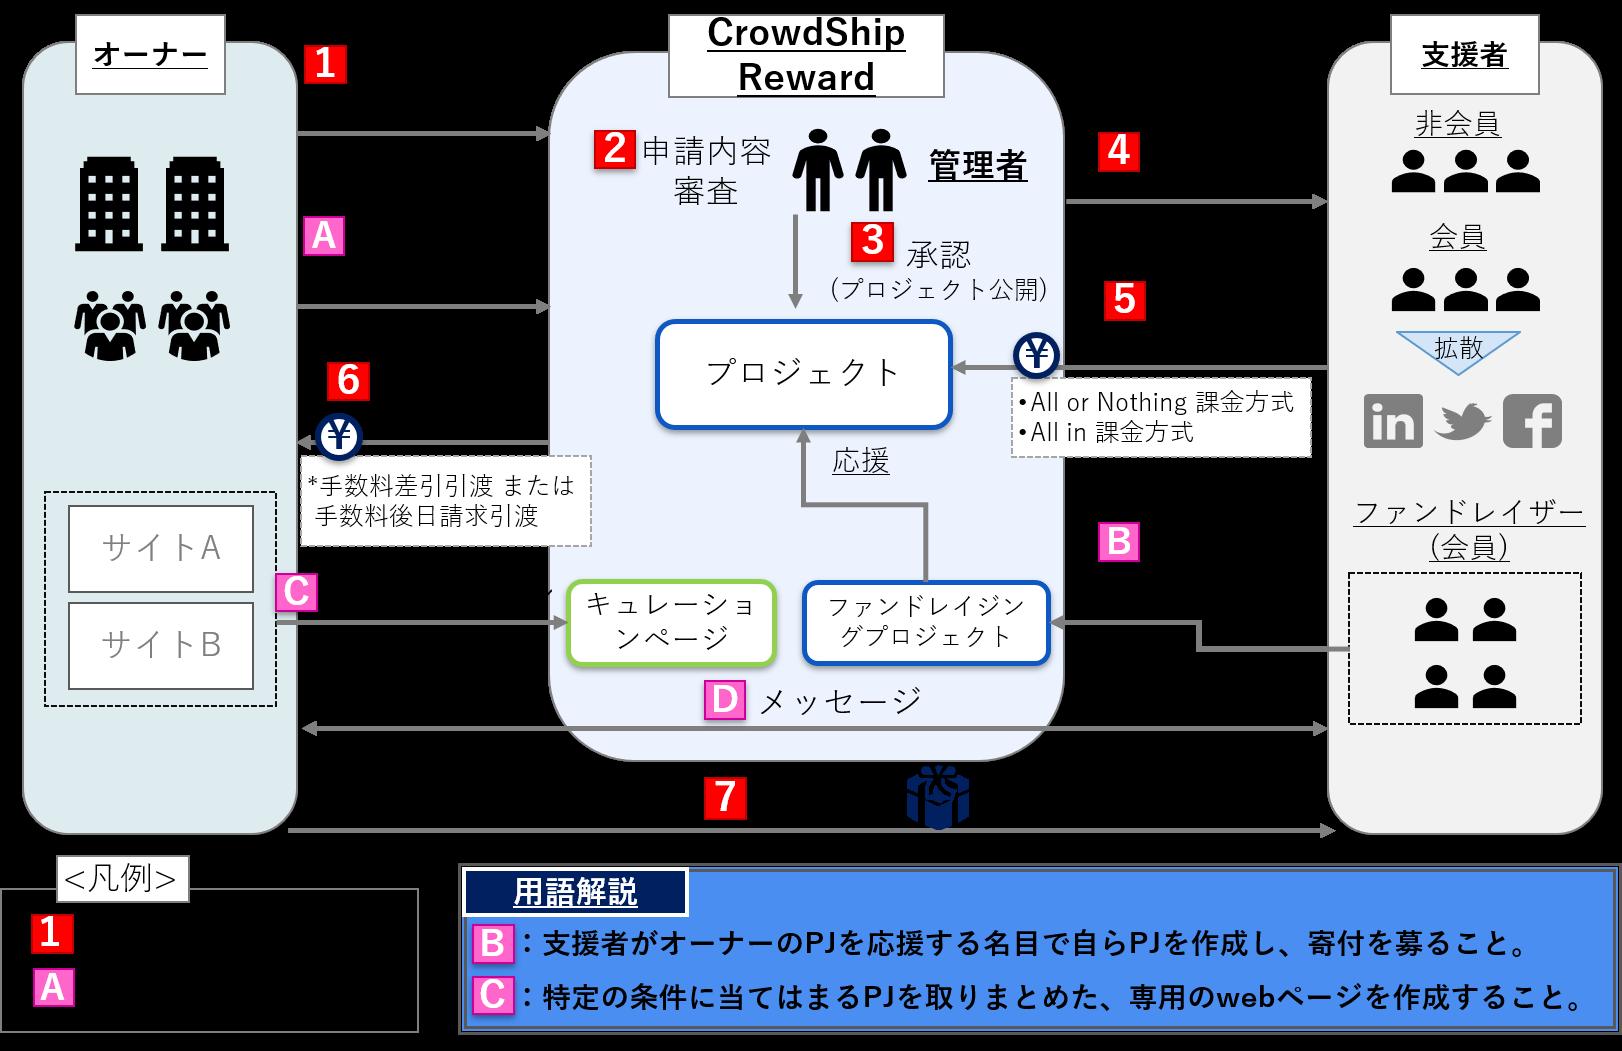 CrowdShip Reward_事業スキームとシステム機能